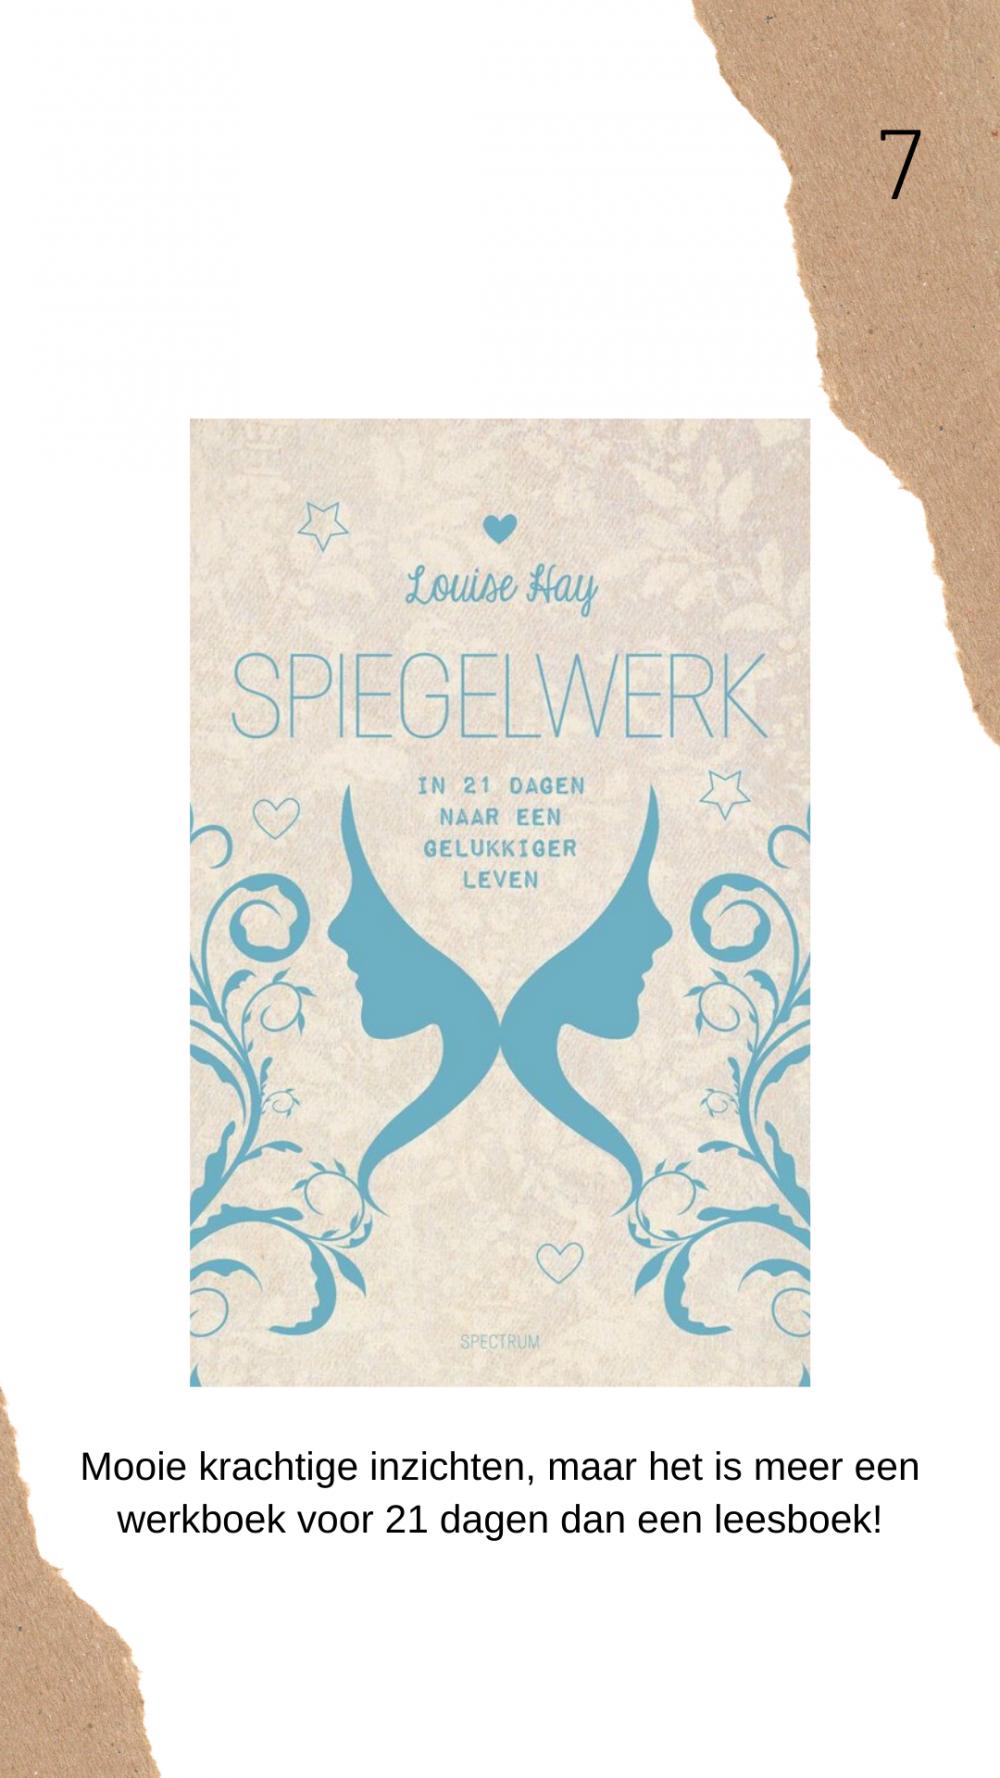 Spiegelwerk Louise Hay boek review